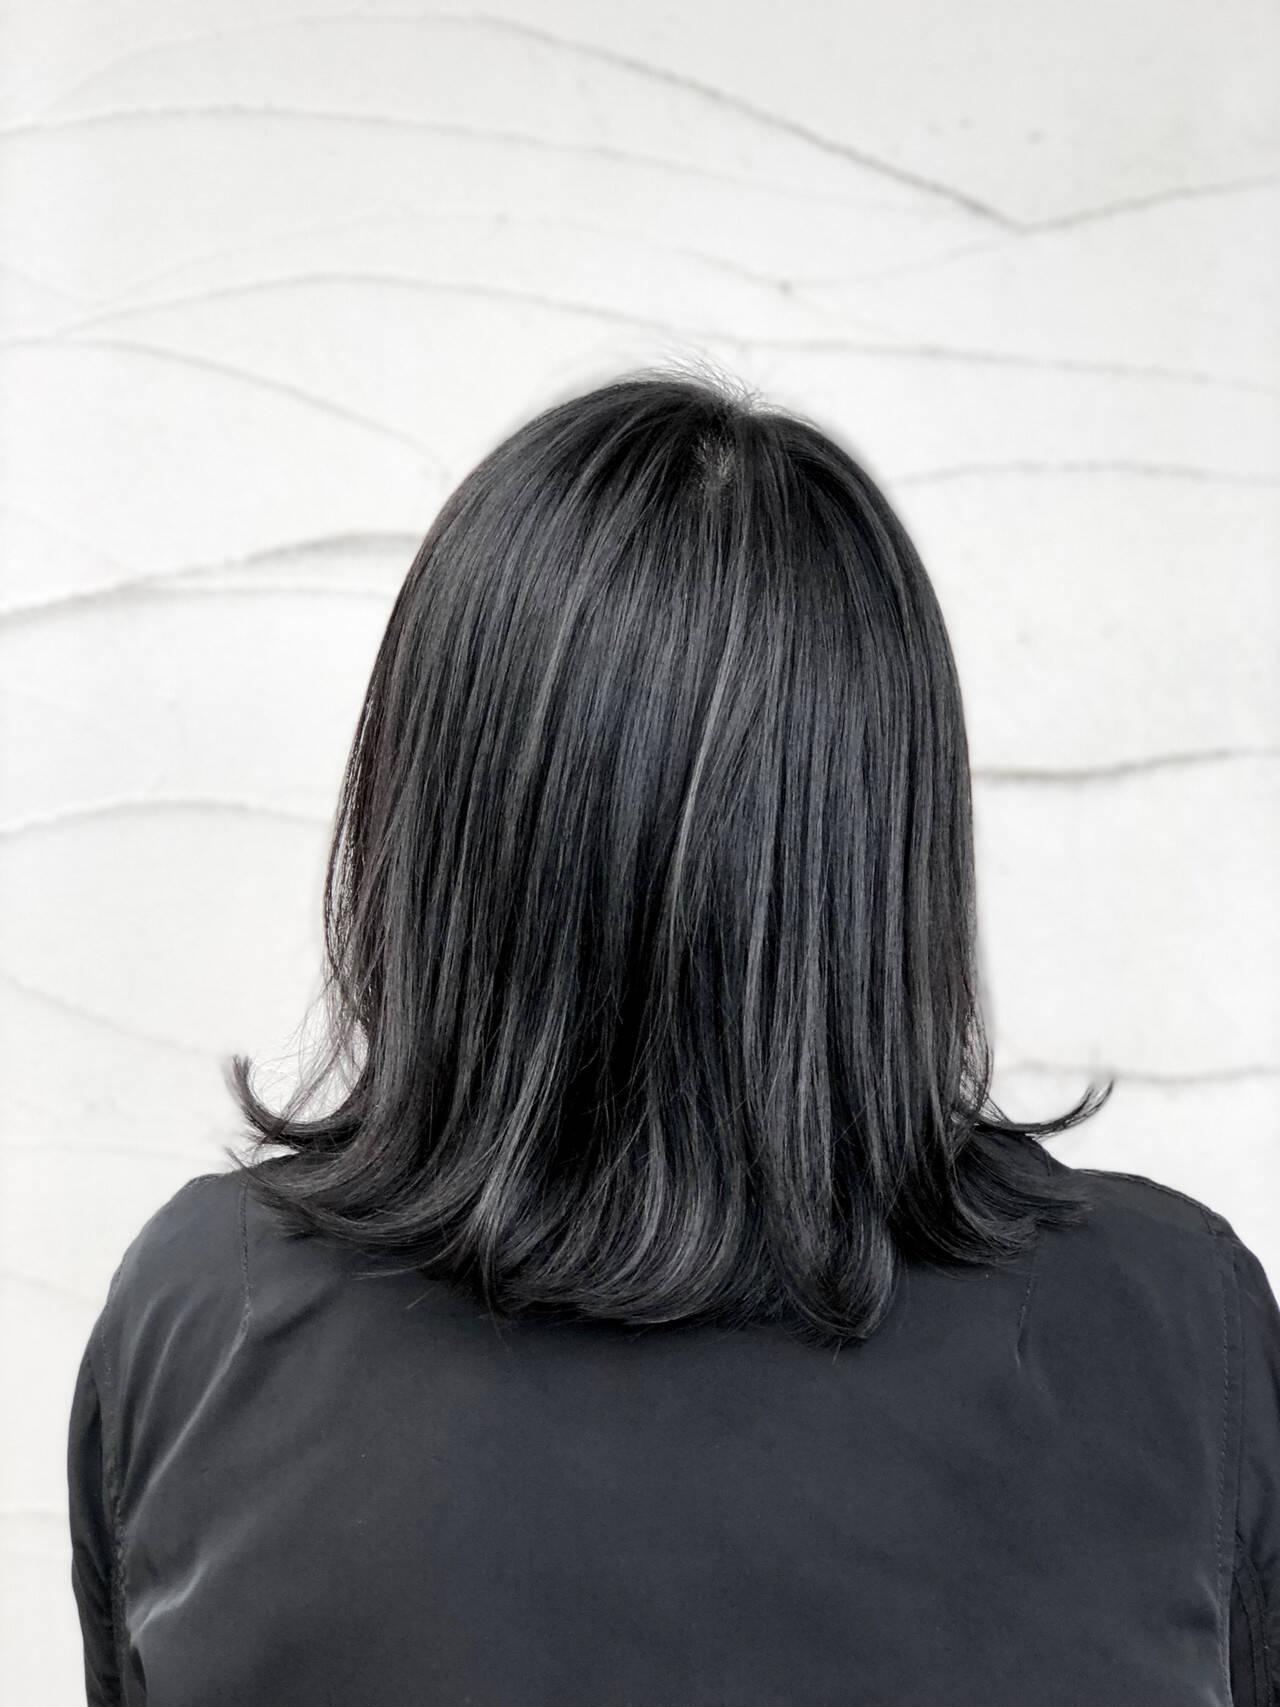 ボブ スポーツ オフィス アウトドアヘアスタイルや髪型の写真・画像